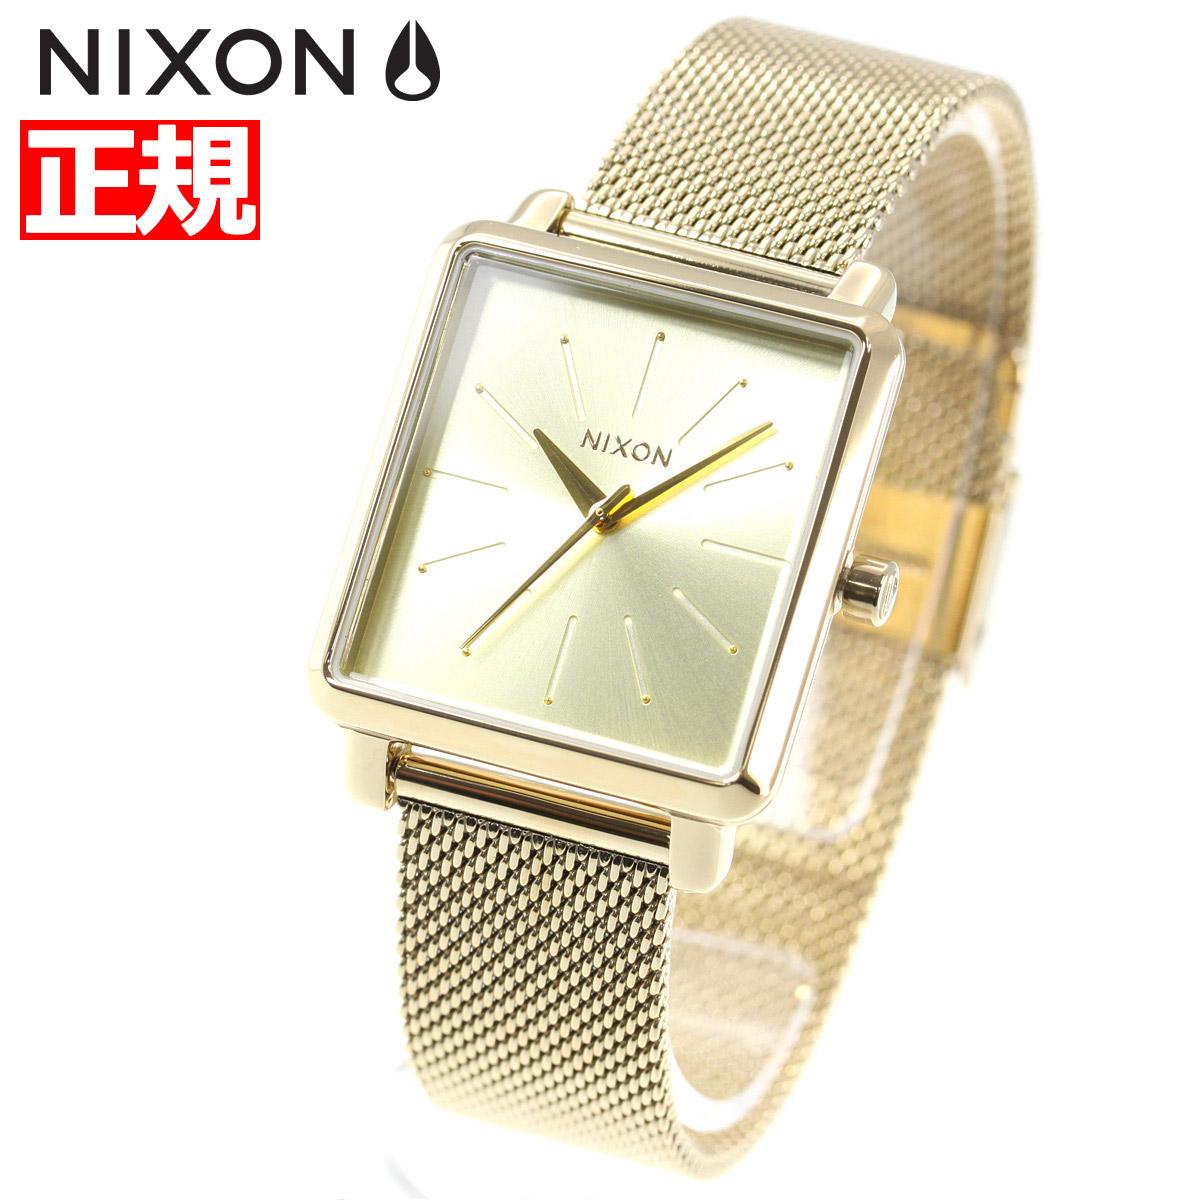 【5日0時~♪10%OFFクーポン&店内ポイント最大51倍!5日23時59分まで】ニクソン NIXON K スクエアード ミラネーゼ K SQUARED MILANESE 腕時計 レディース オールゴールド NA1206502-00